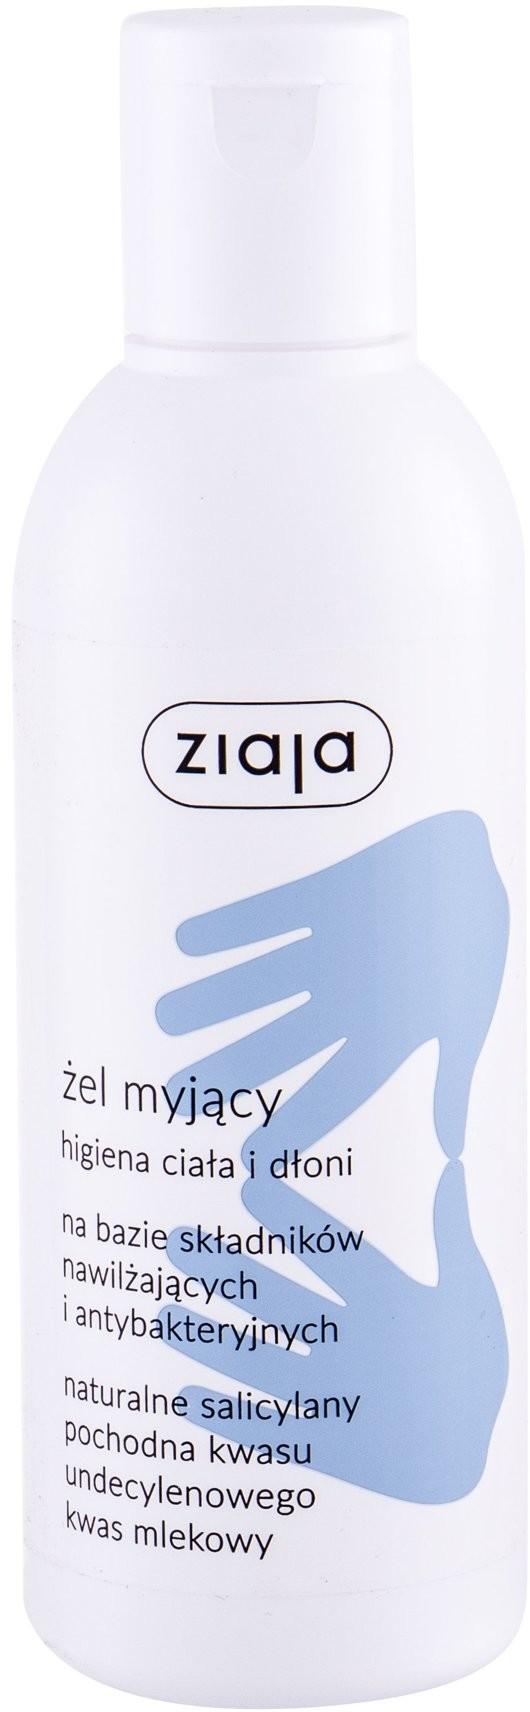 Ziaja Antibacterial Hand Wash 200 ml Mydło w płynie